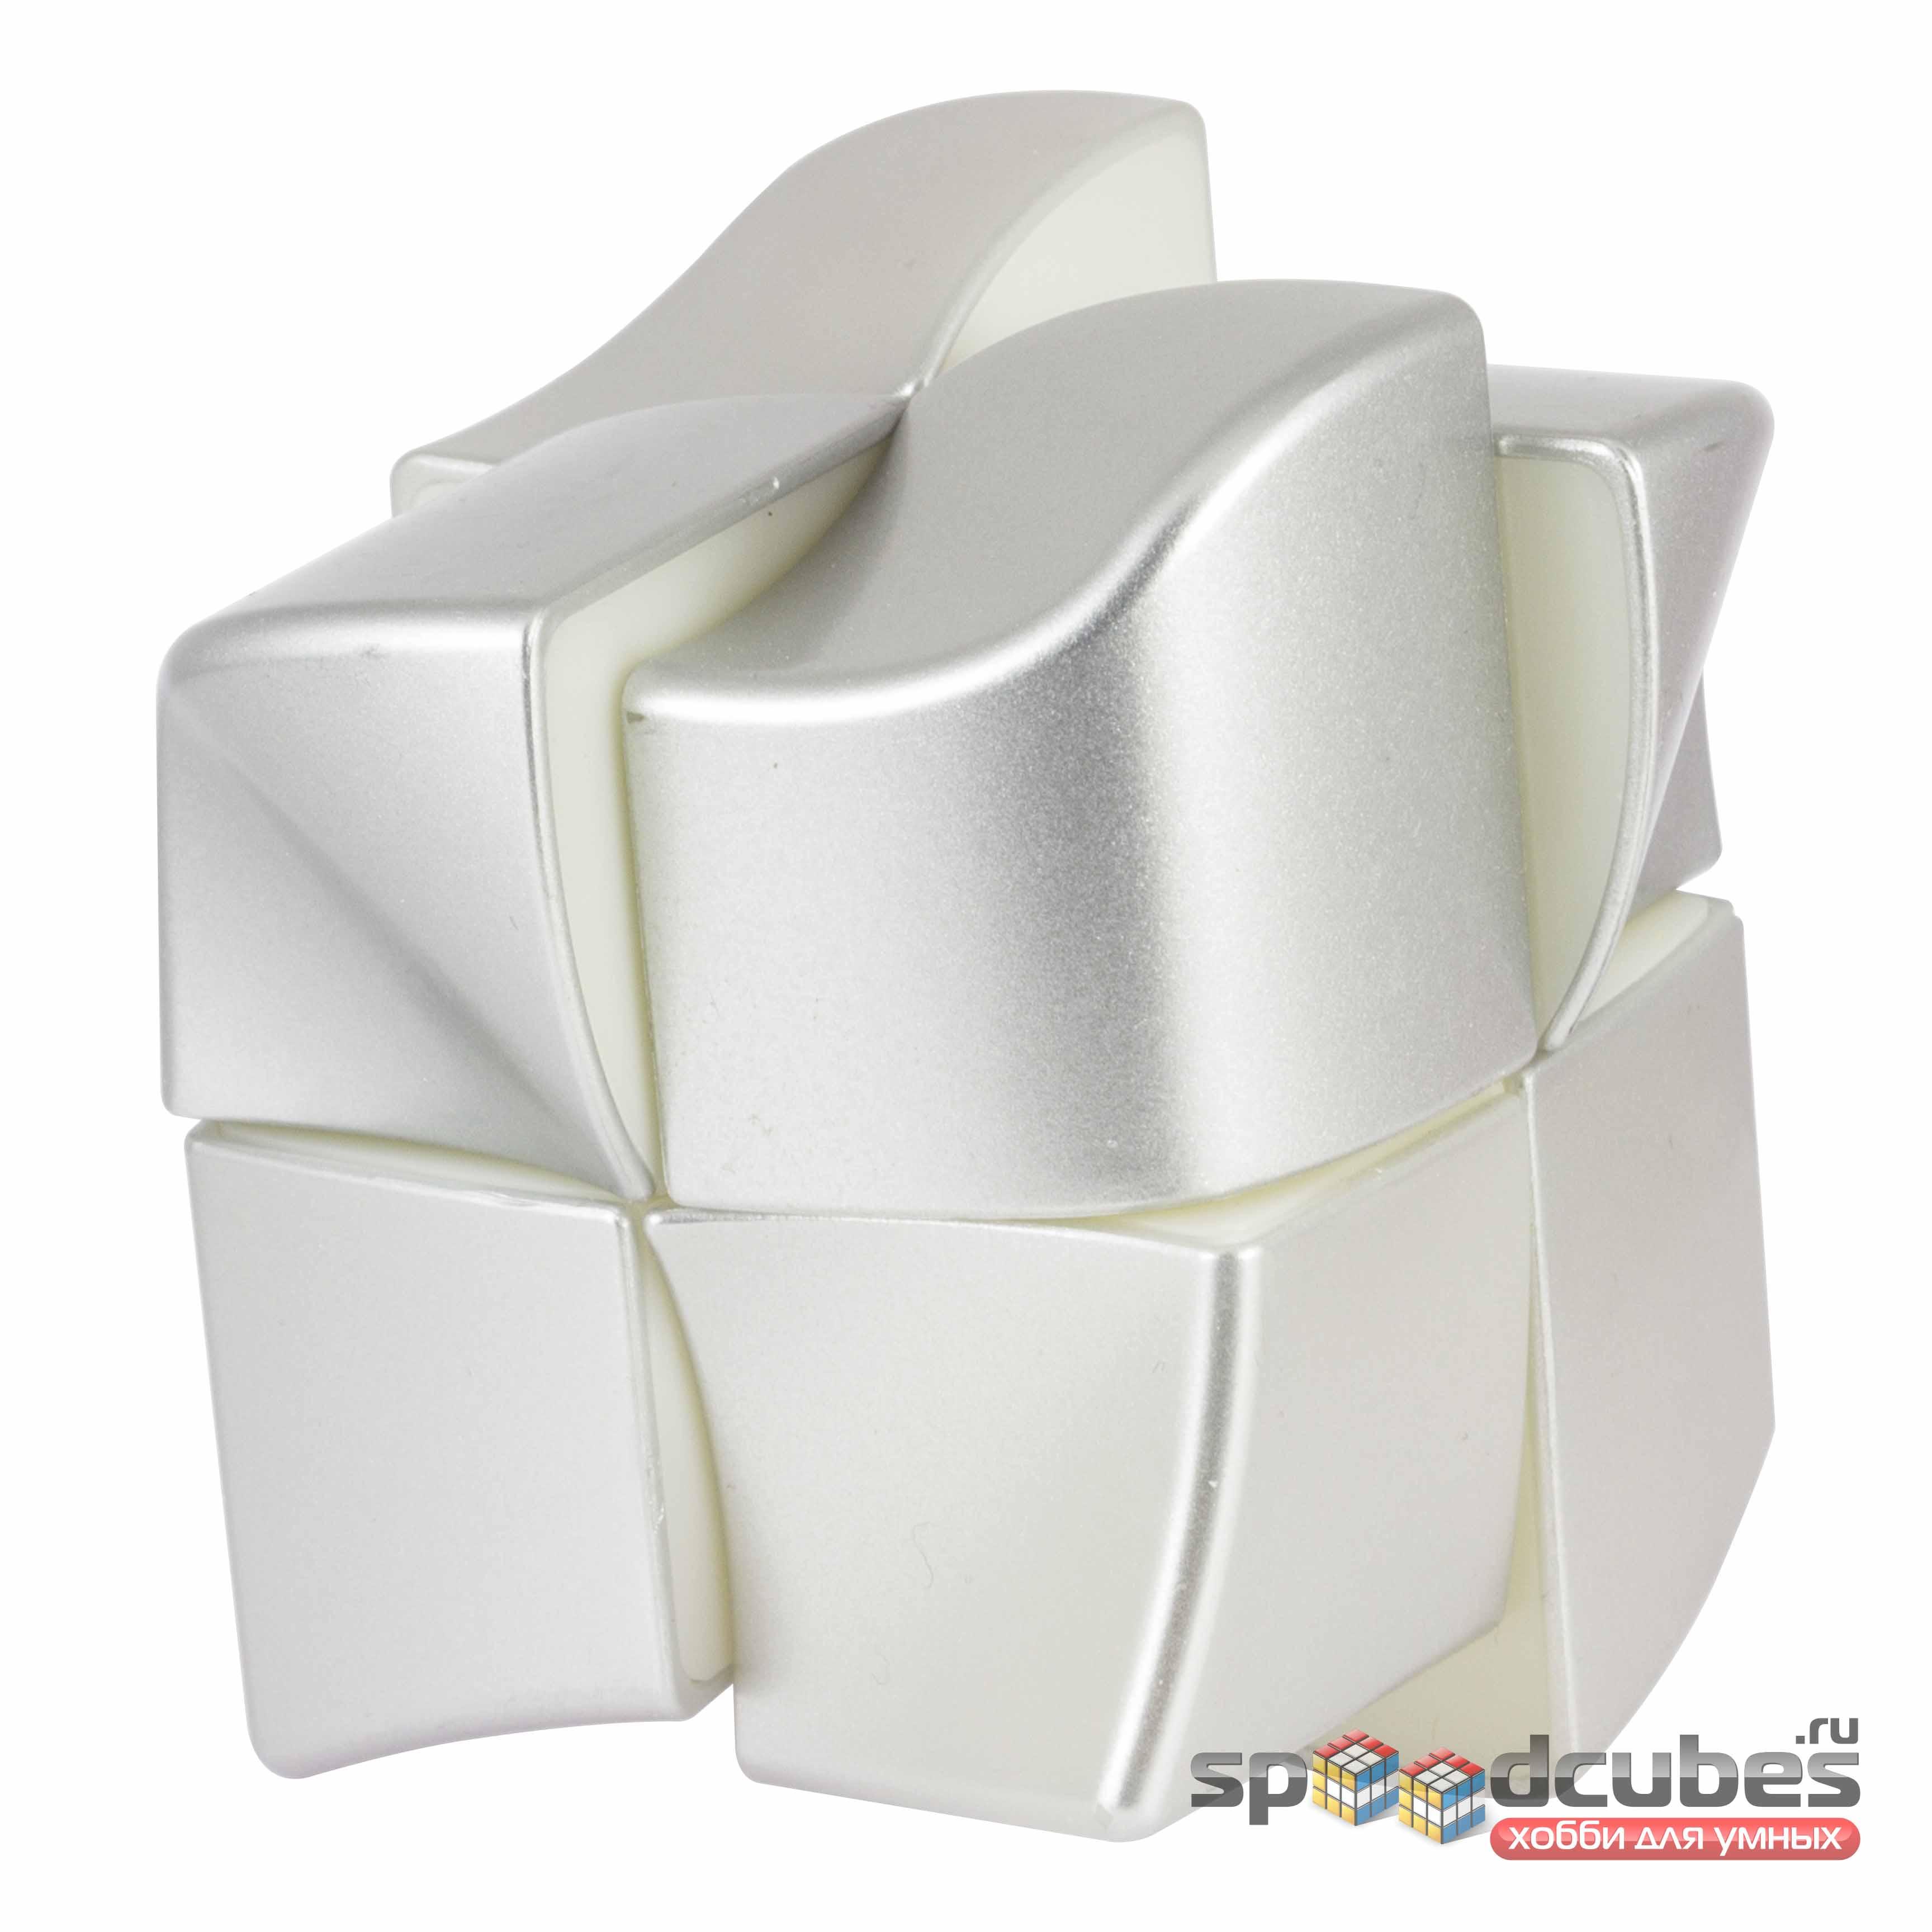 YJ 2x2x2 Yuangang Cube 3